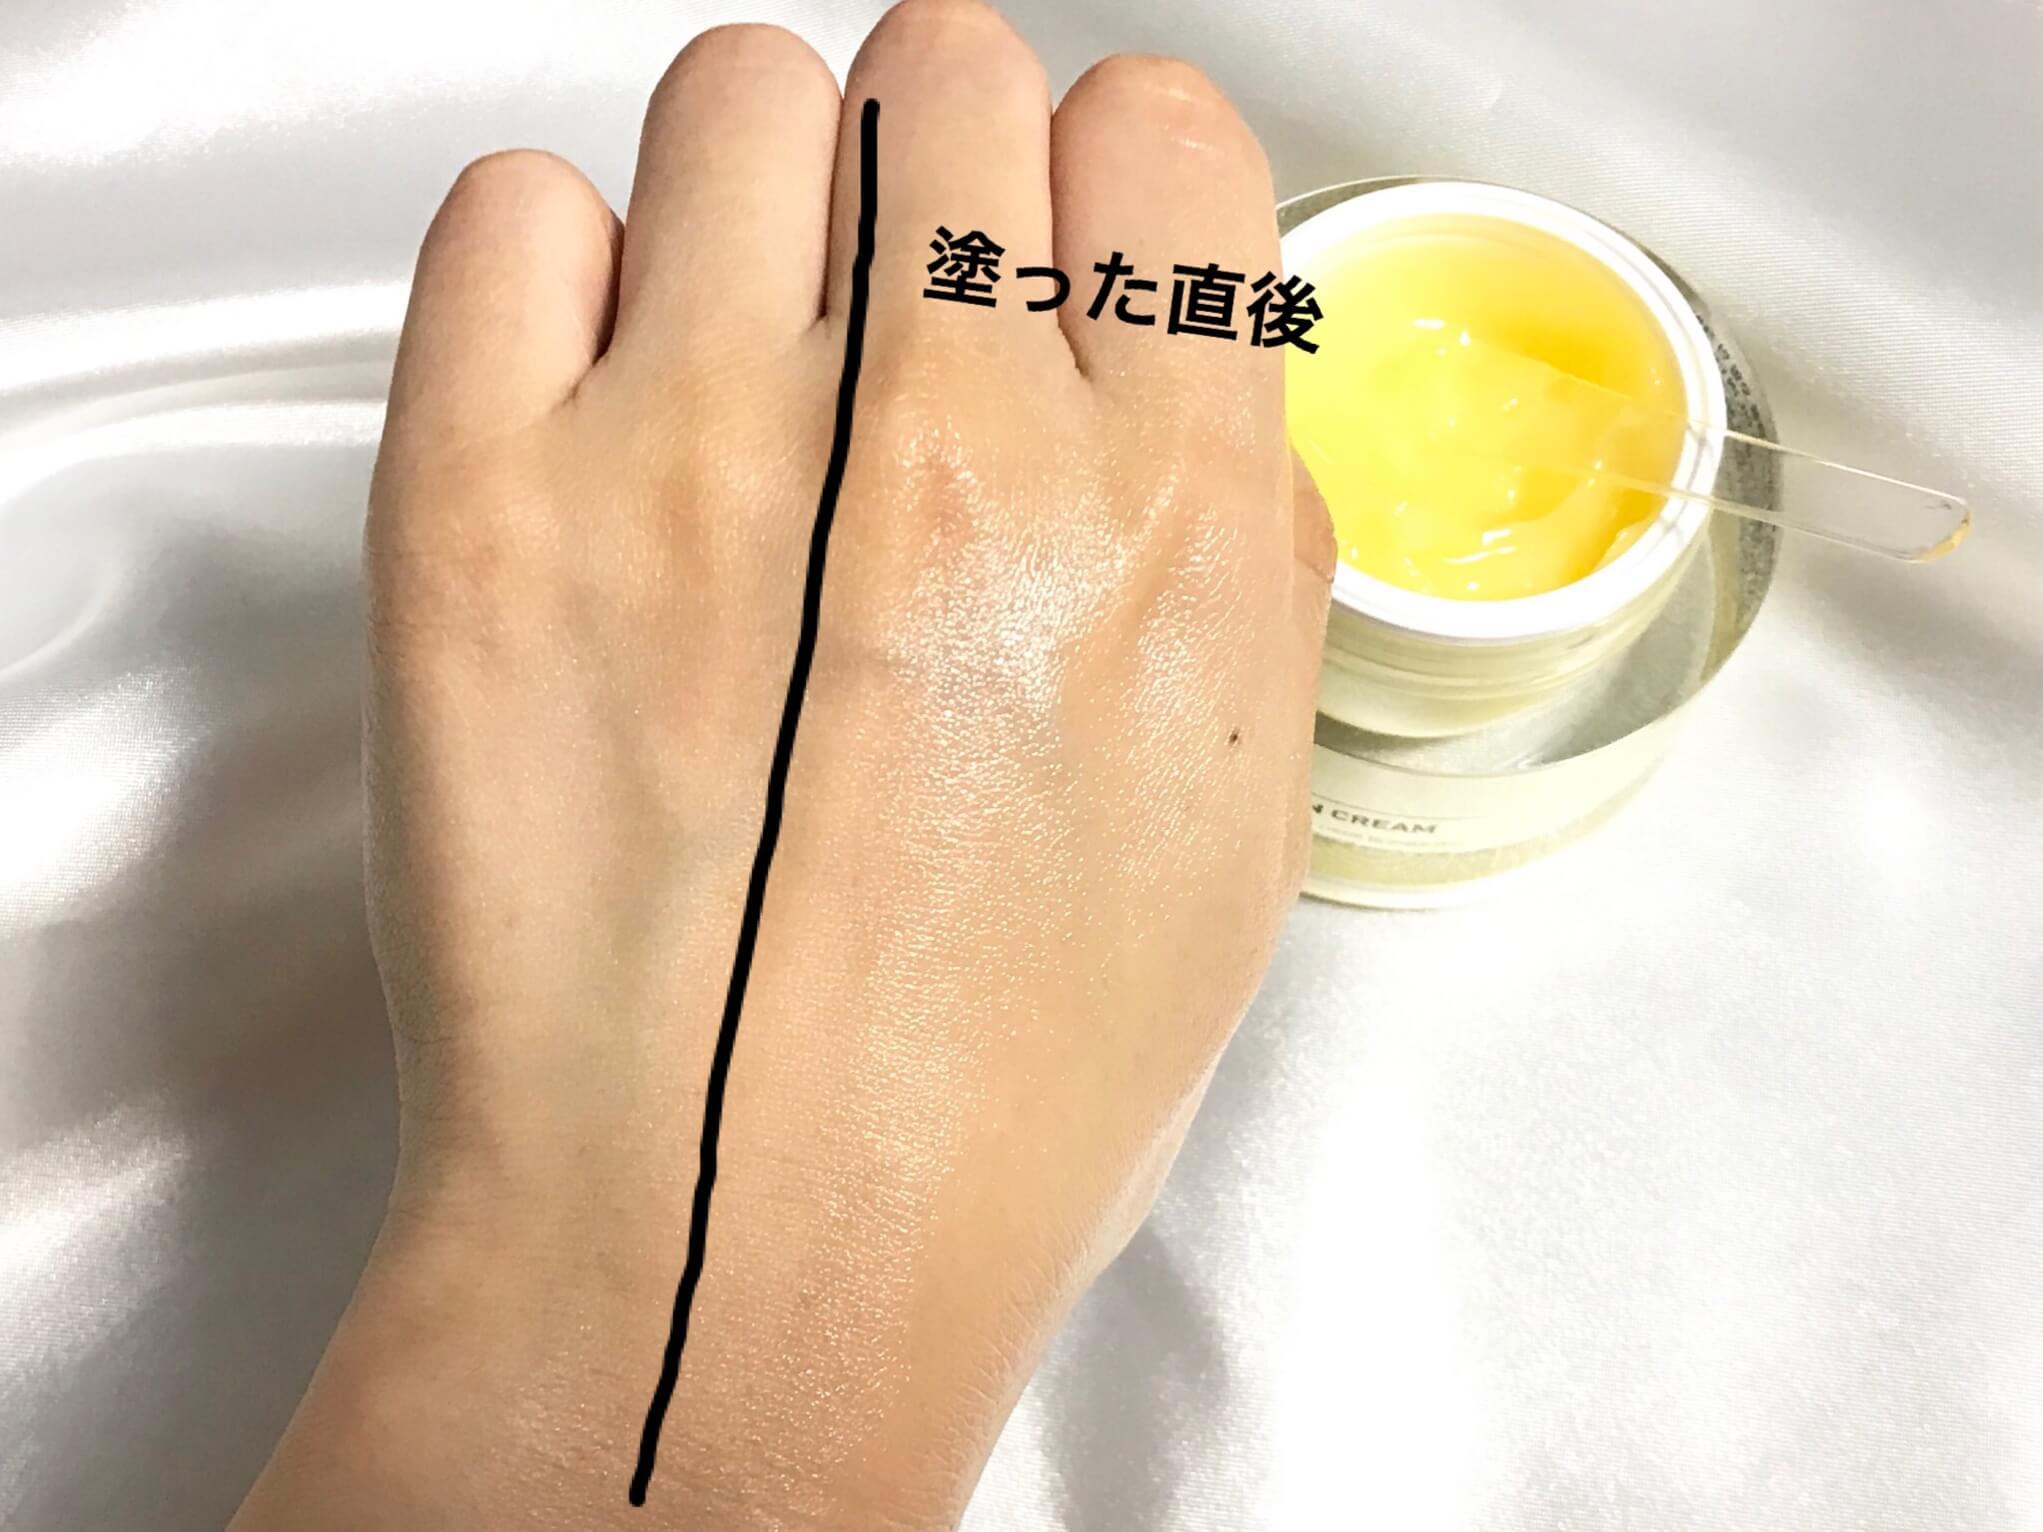 CNP(チャアンドパク)人気製品④プロポリスアンプルオイルインクリーム【保湿】